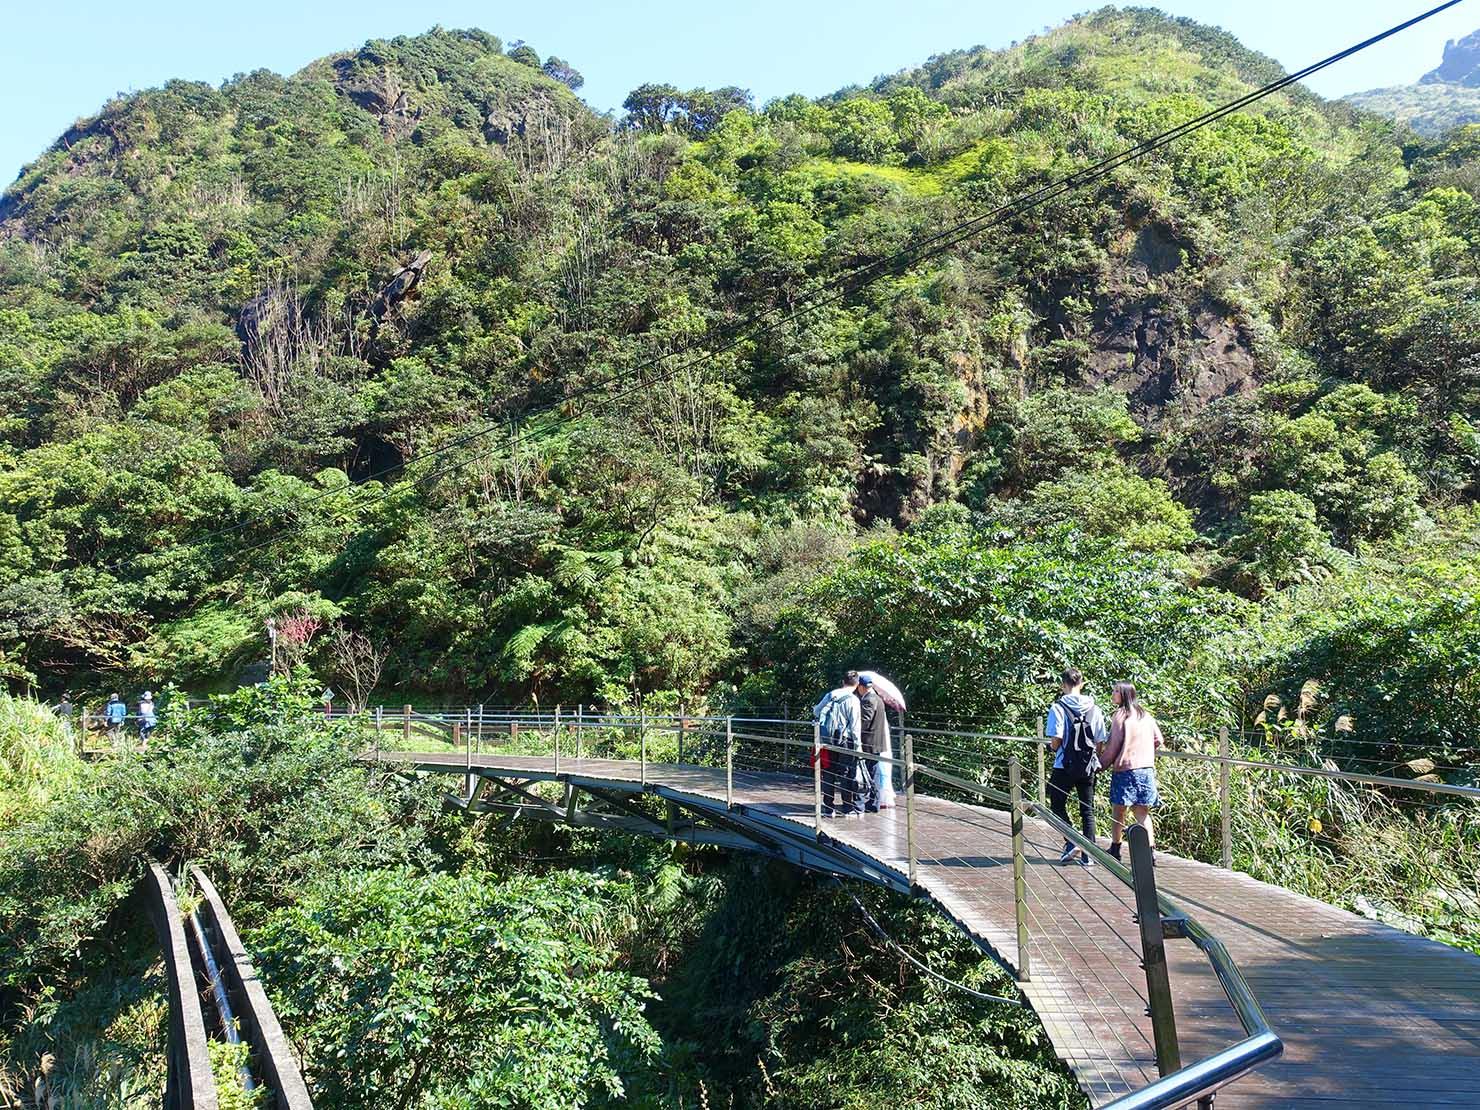 台北・金瓜石黃金博物館横にかかる橋